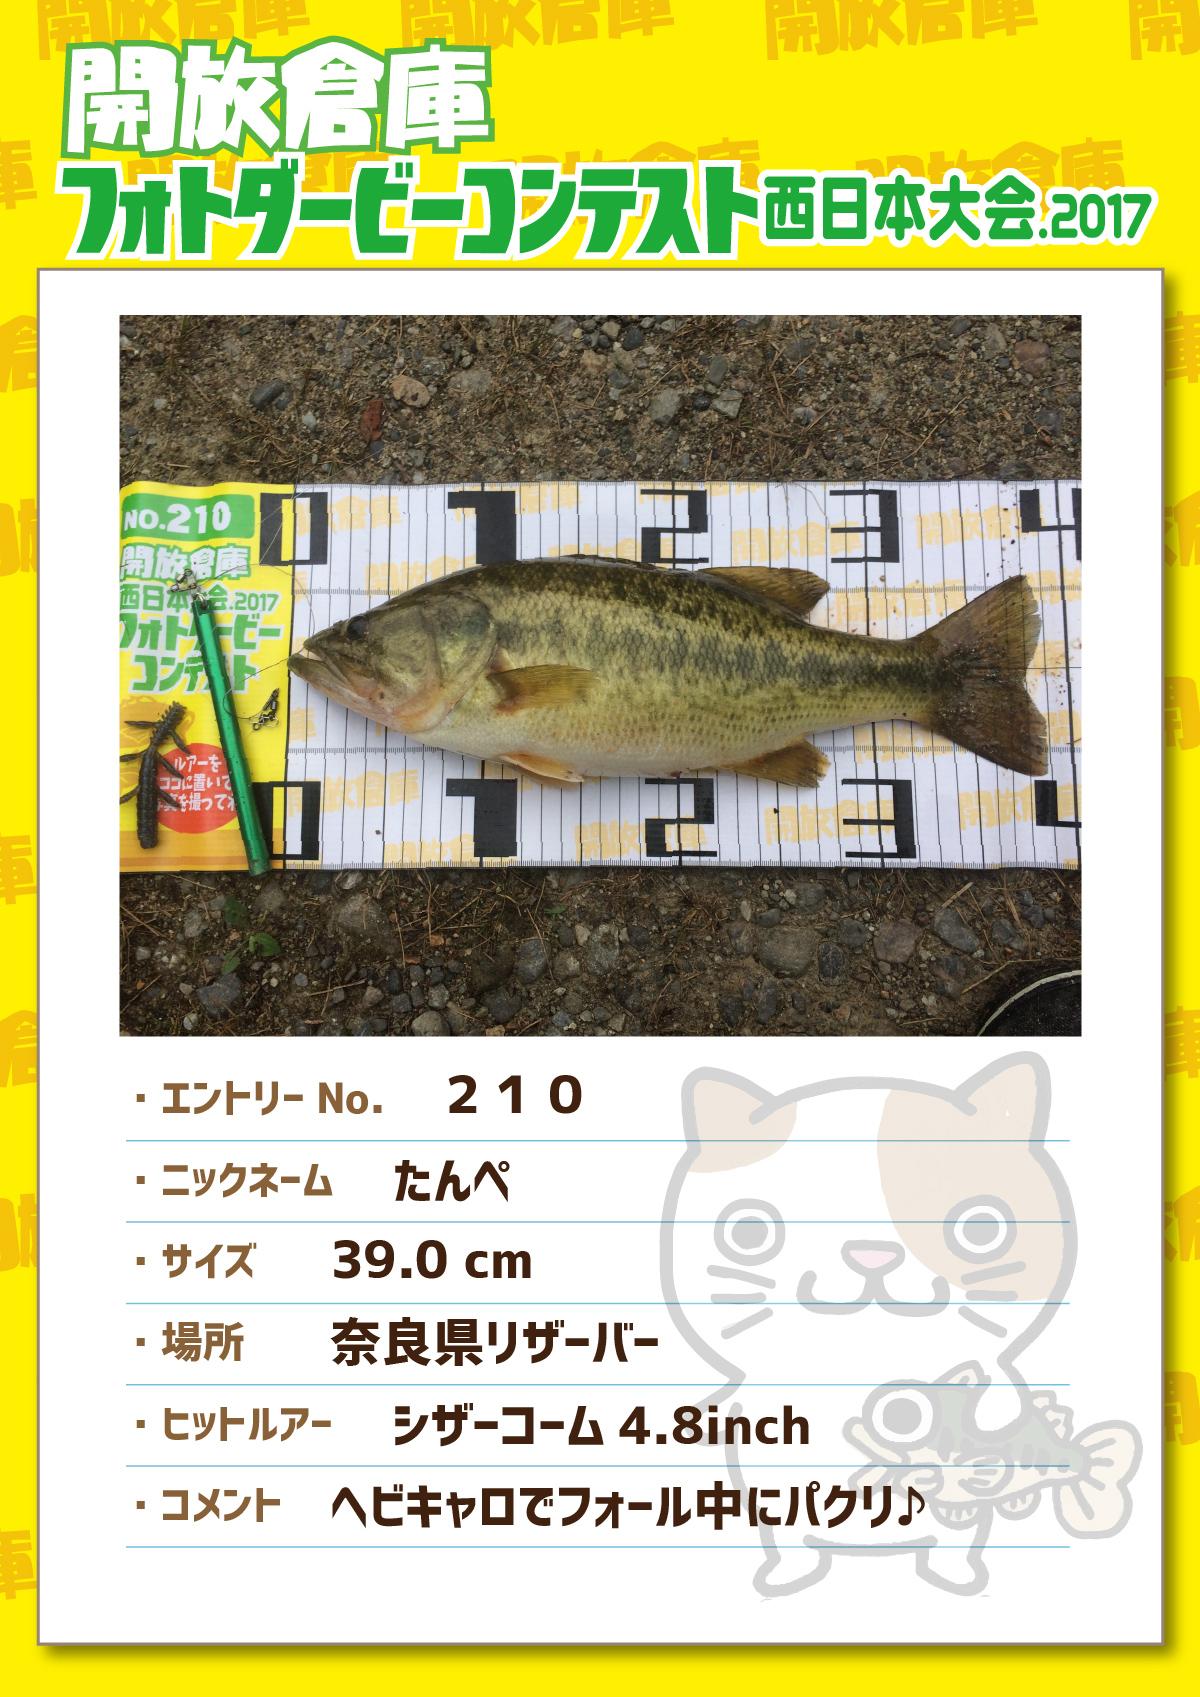 No.210 たんぺ 39.0cm 奈良県リザーバー シザーコーム4.8inch ヘビキャロでフォール中にパクリ♪